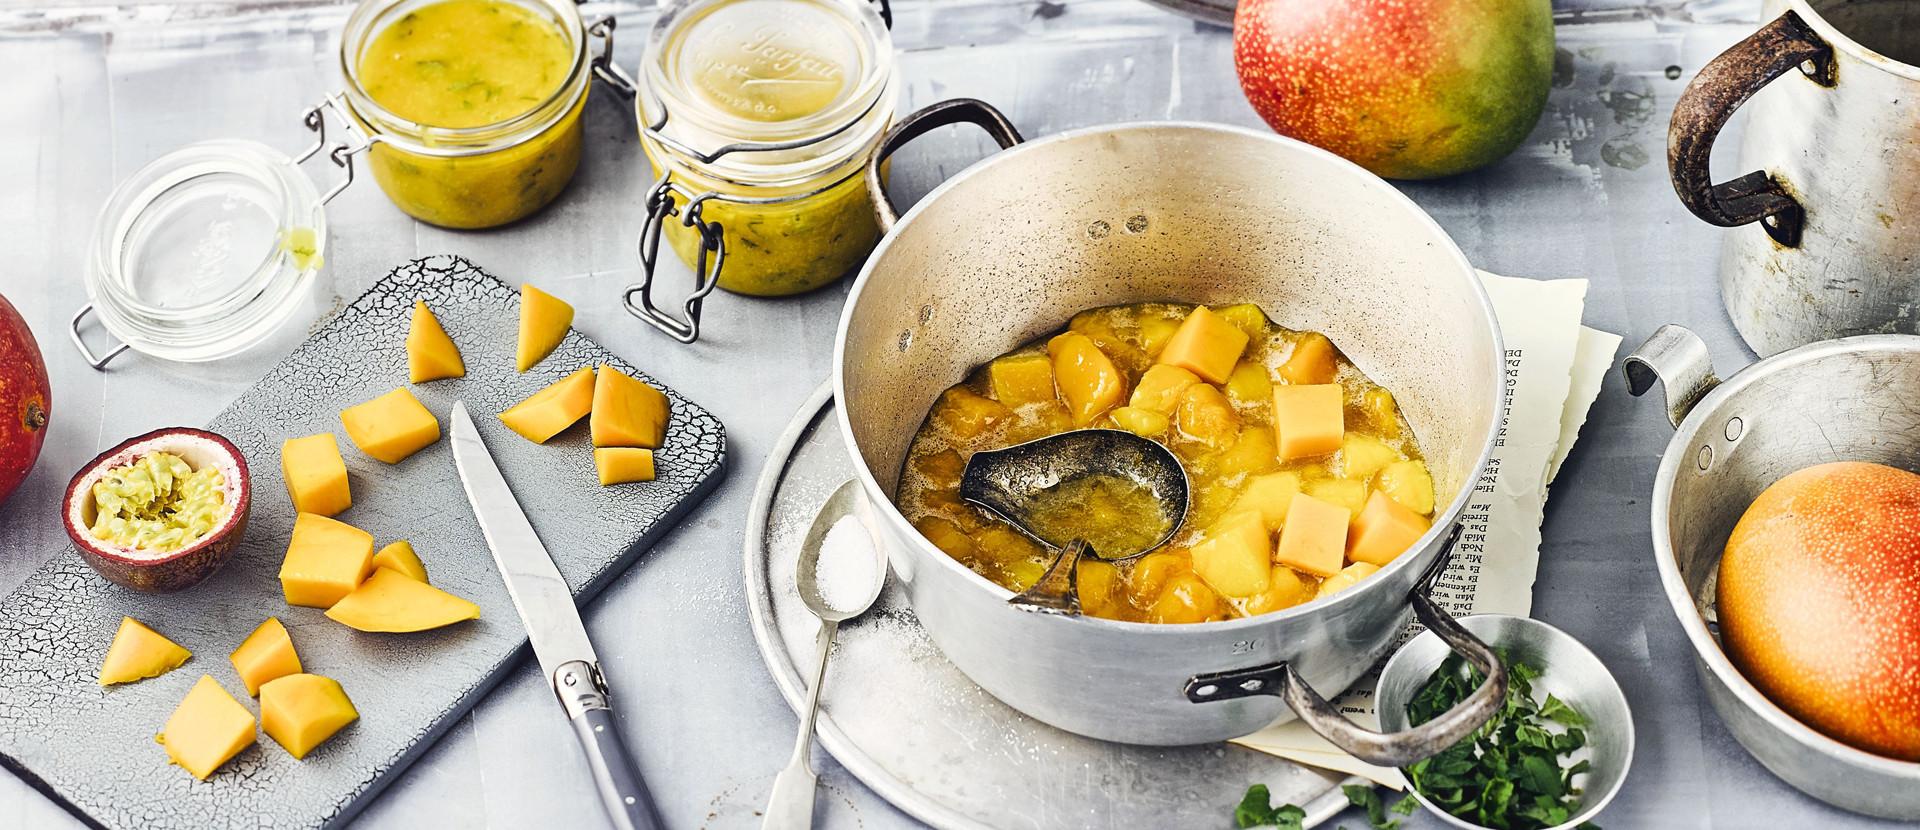 Mango Passionsfrucht Konfituere